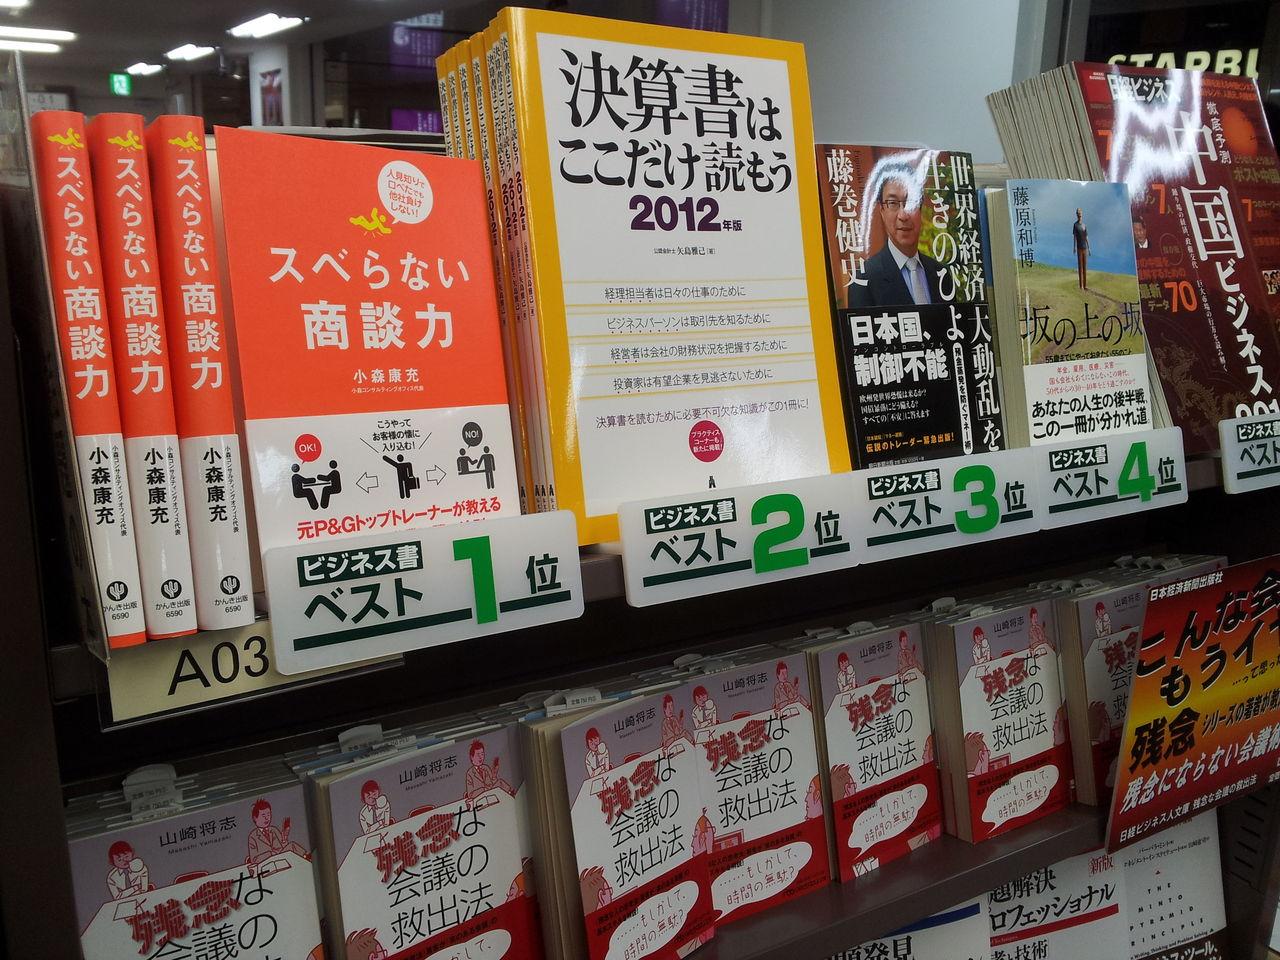 2011-12-26 三省堂東京駅一番街店の商談力